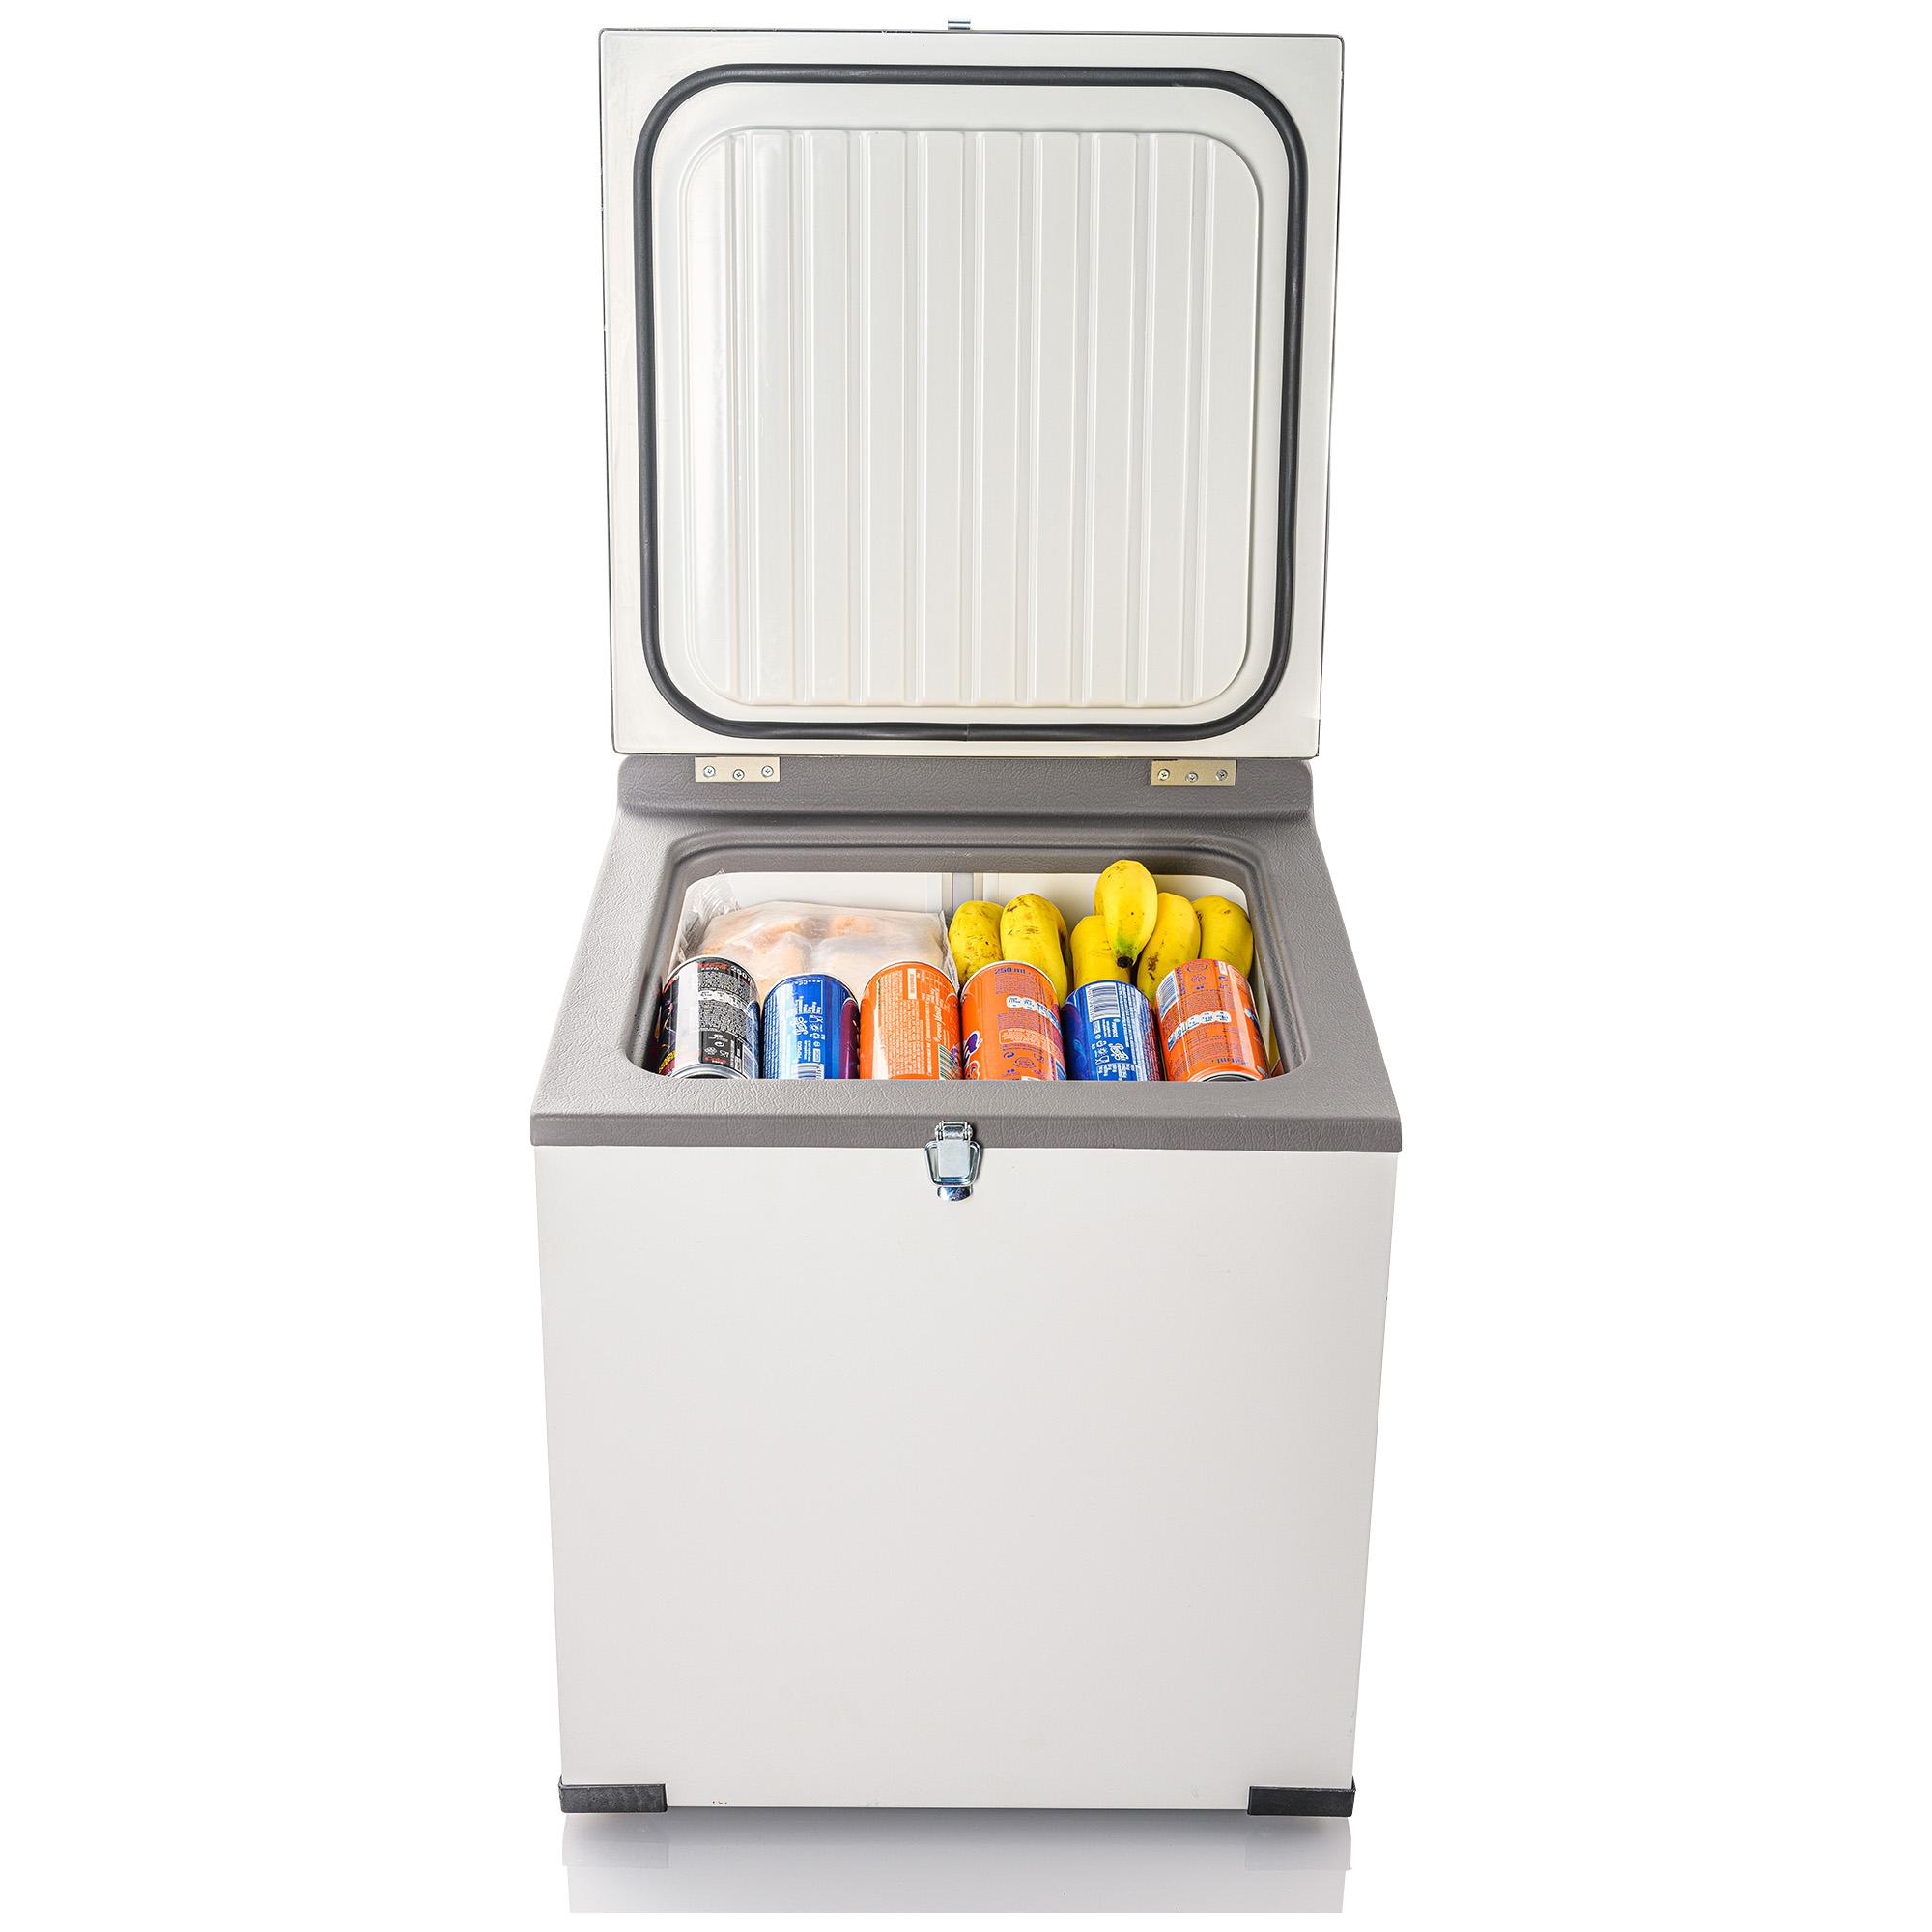 MEC 4255 / 47 LT Soğutucu Araç Buzdolabı